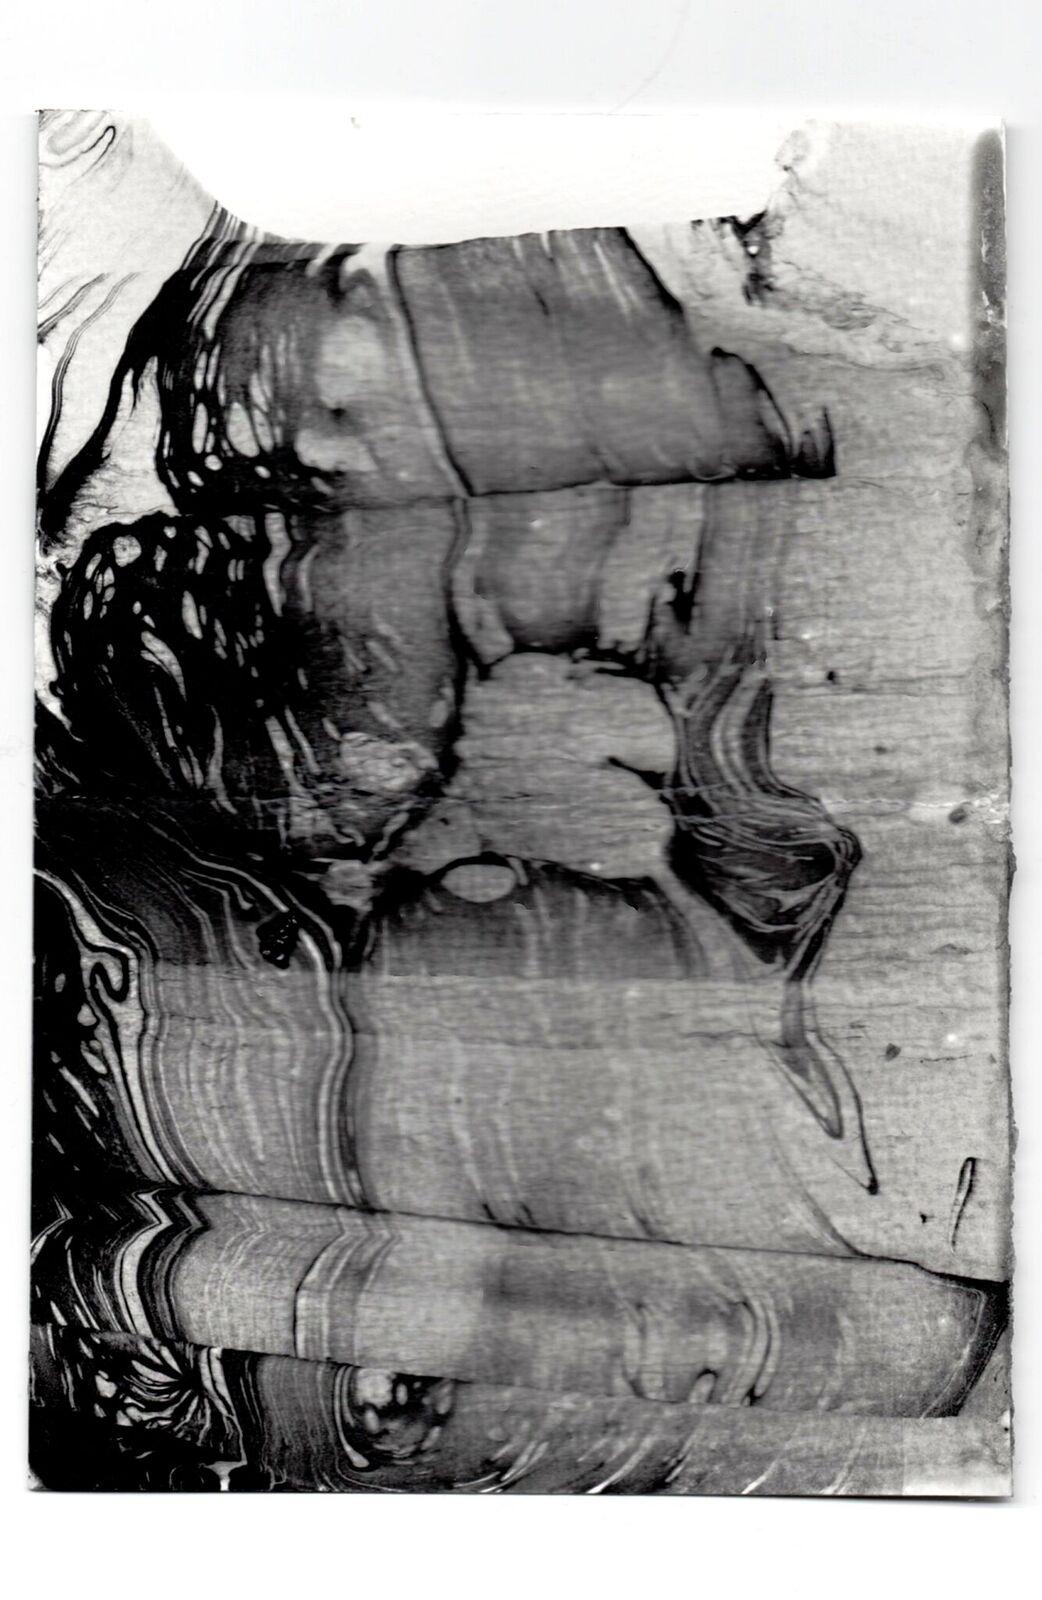 06.04.17 - marmorering scan.jpeg